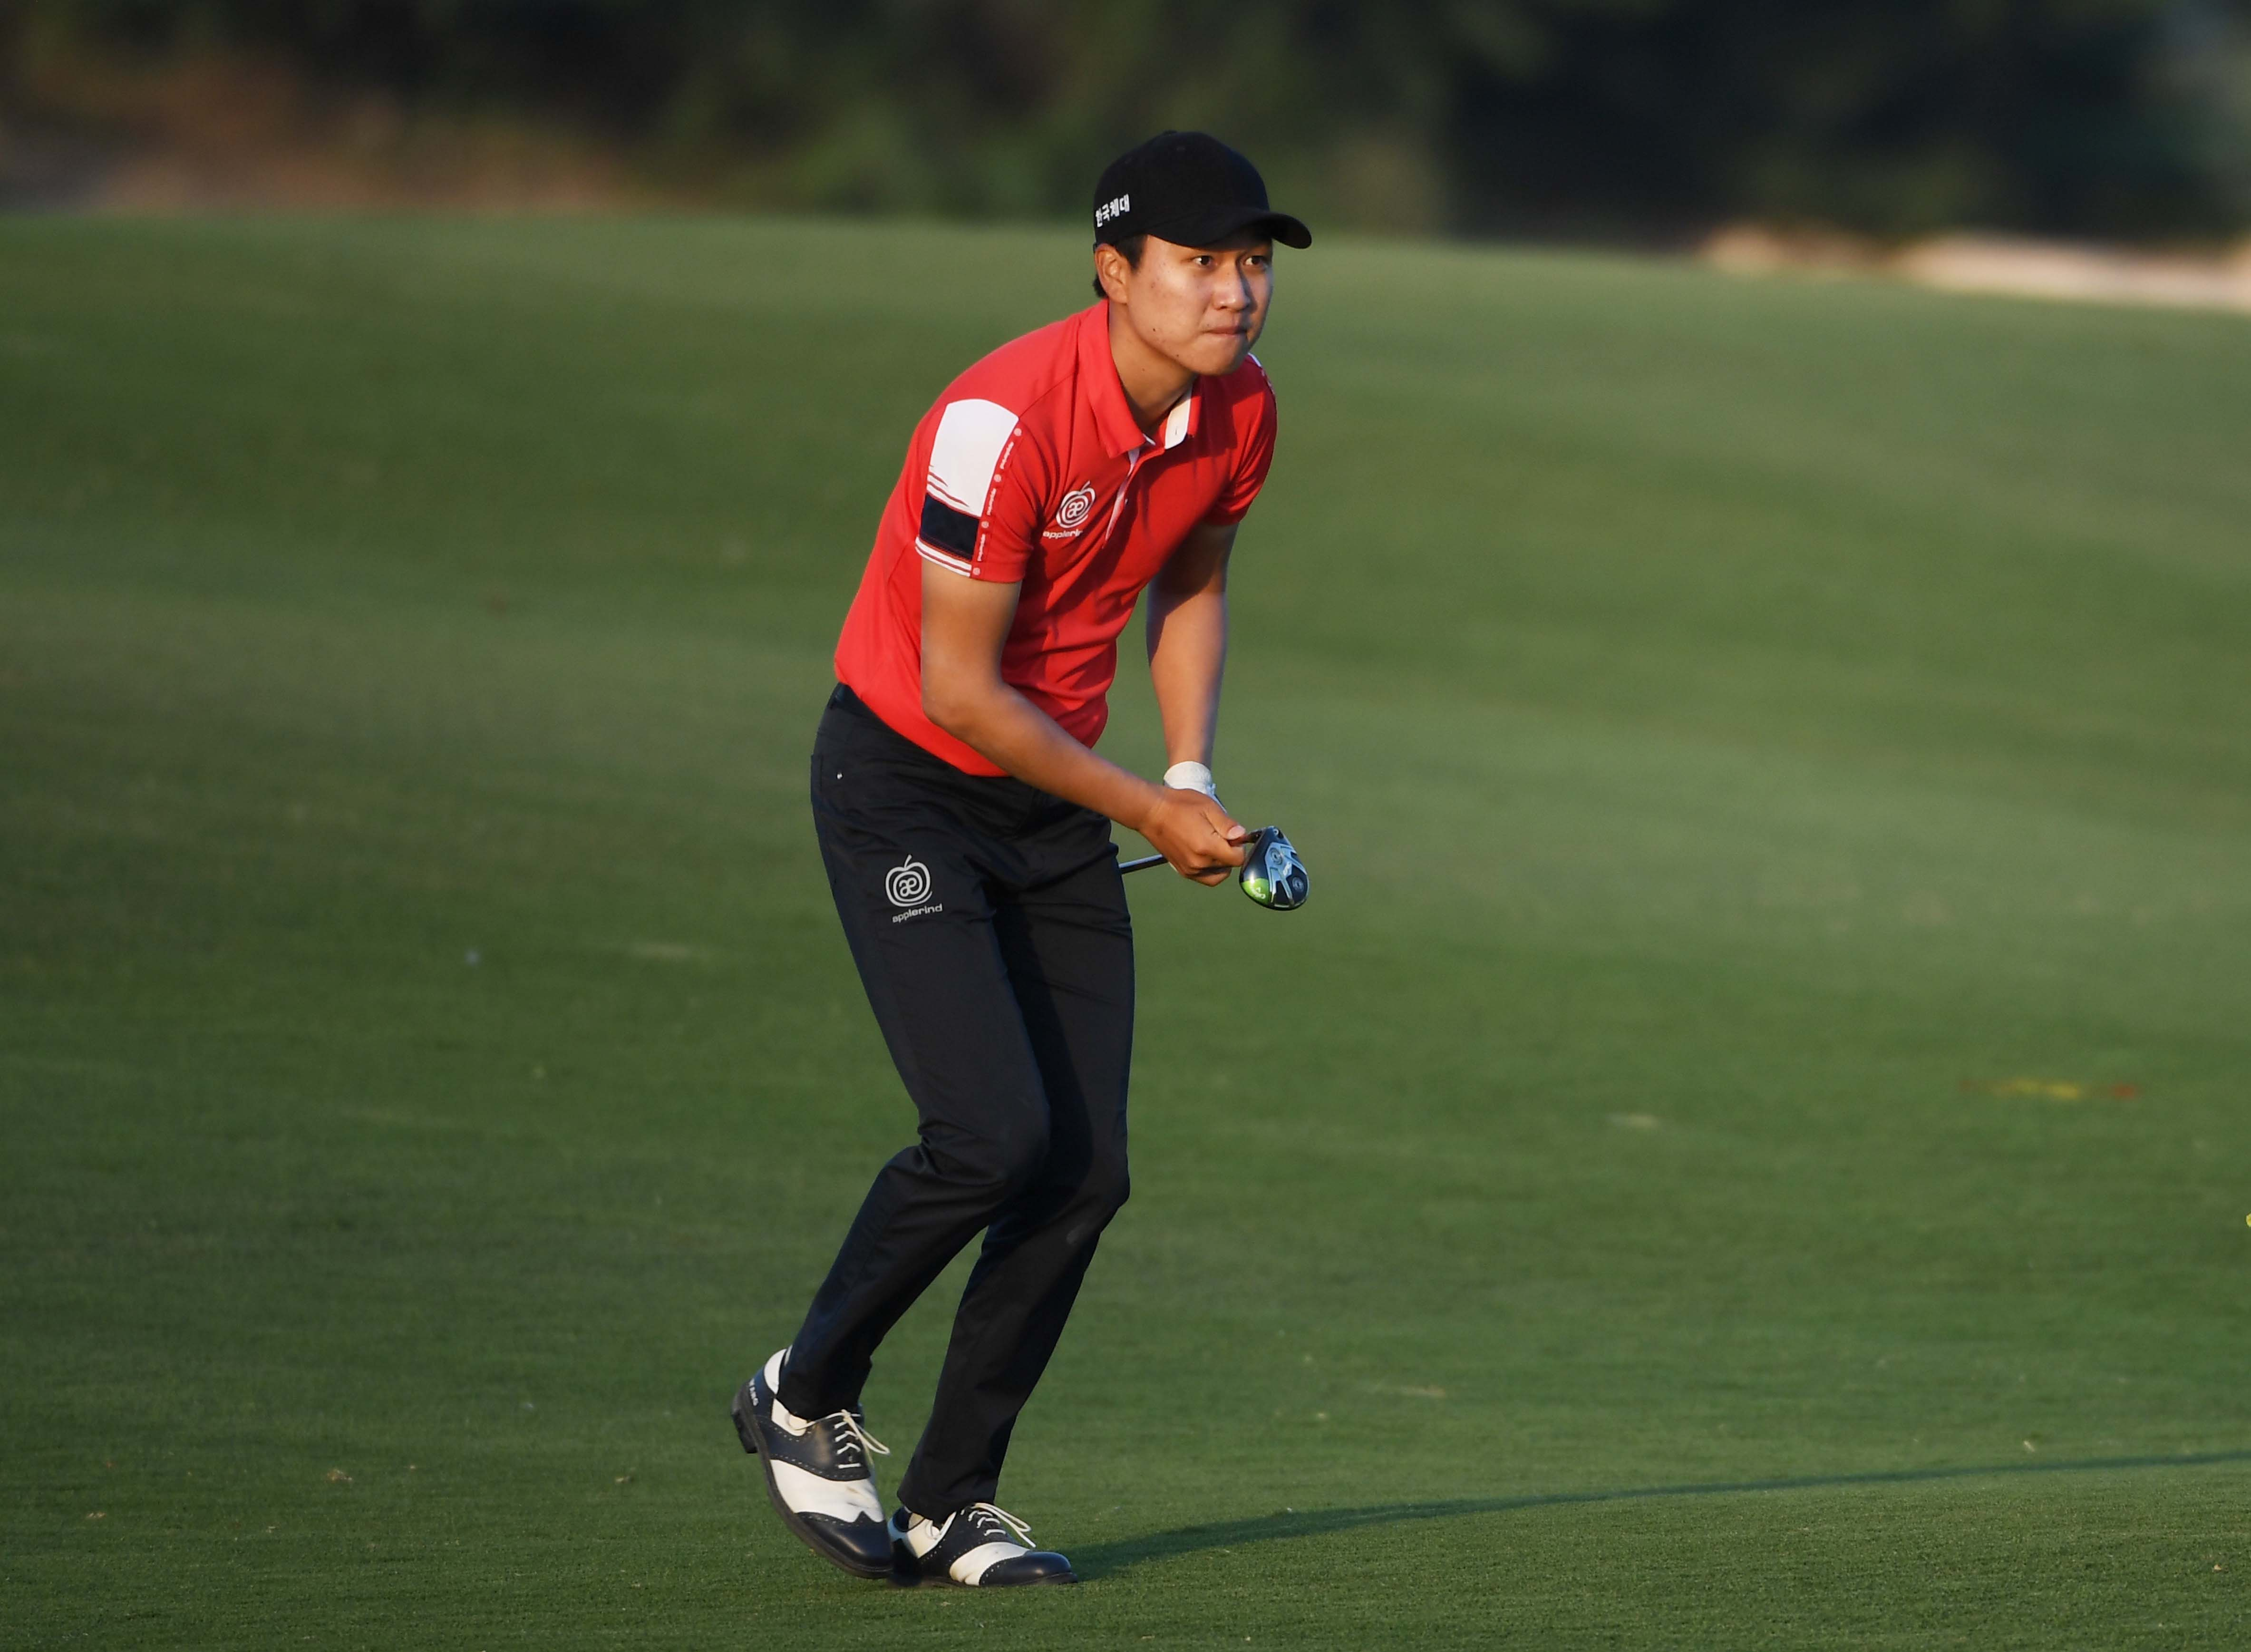 Jeunghun Wang